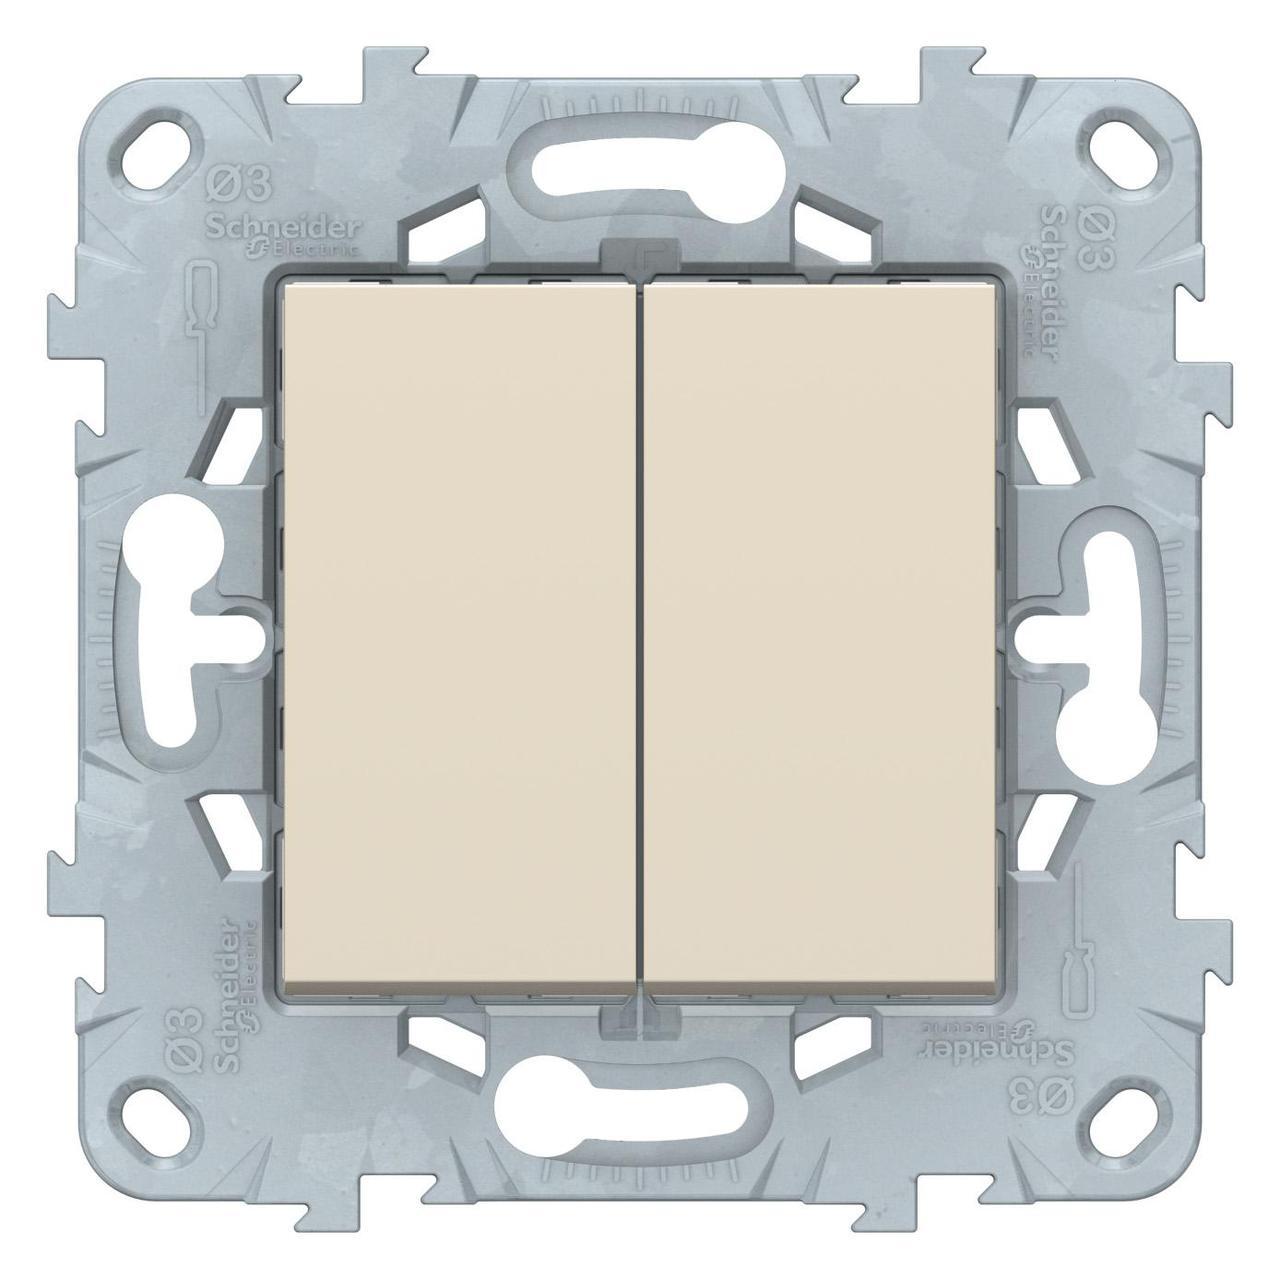 Выключатель 2-клавишный, перекрестный (с трех мест , Бежевый, серия Unica New, Schneider Electric